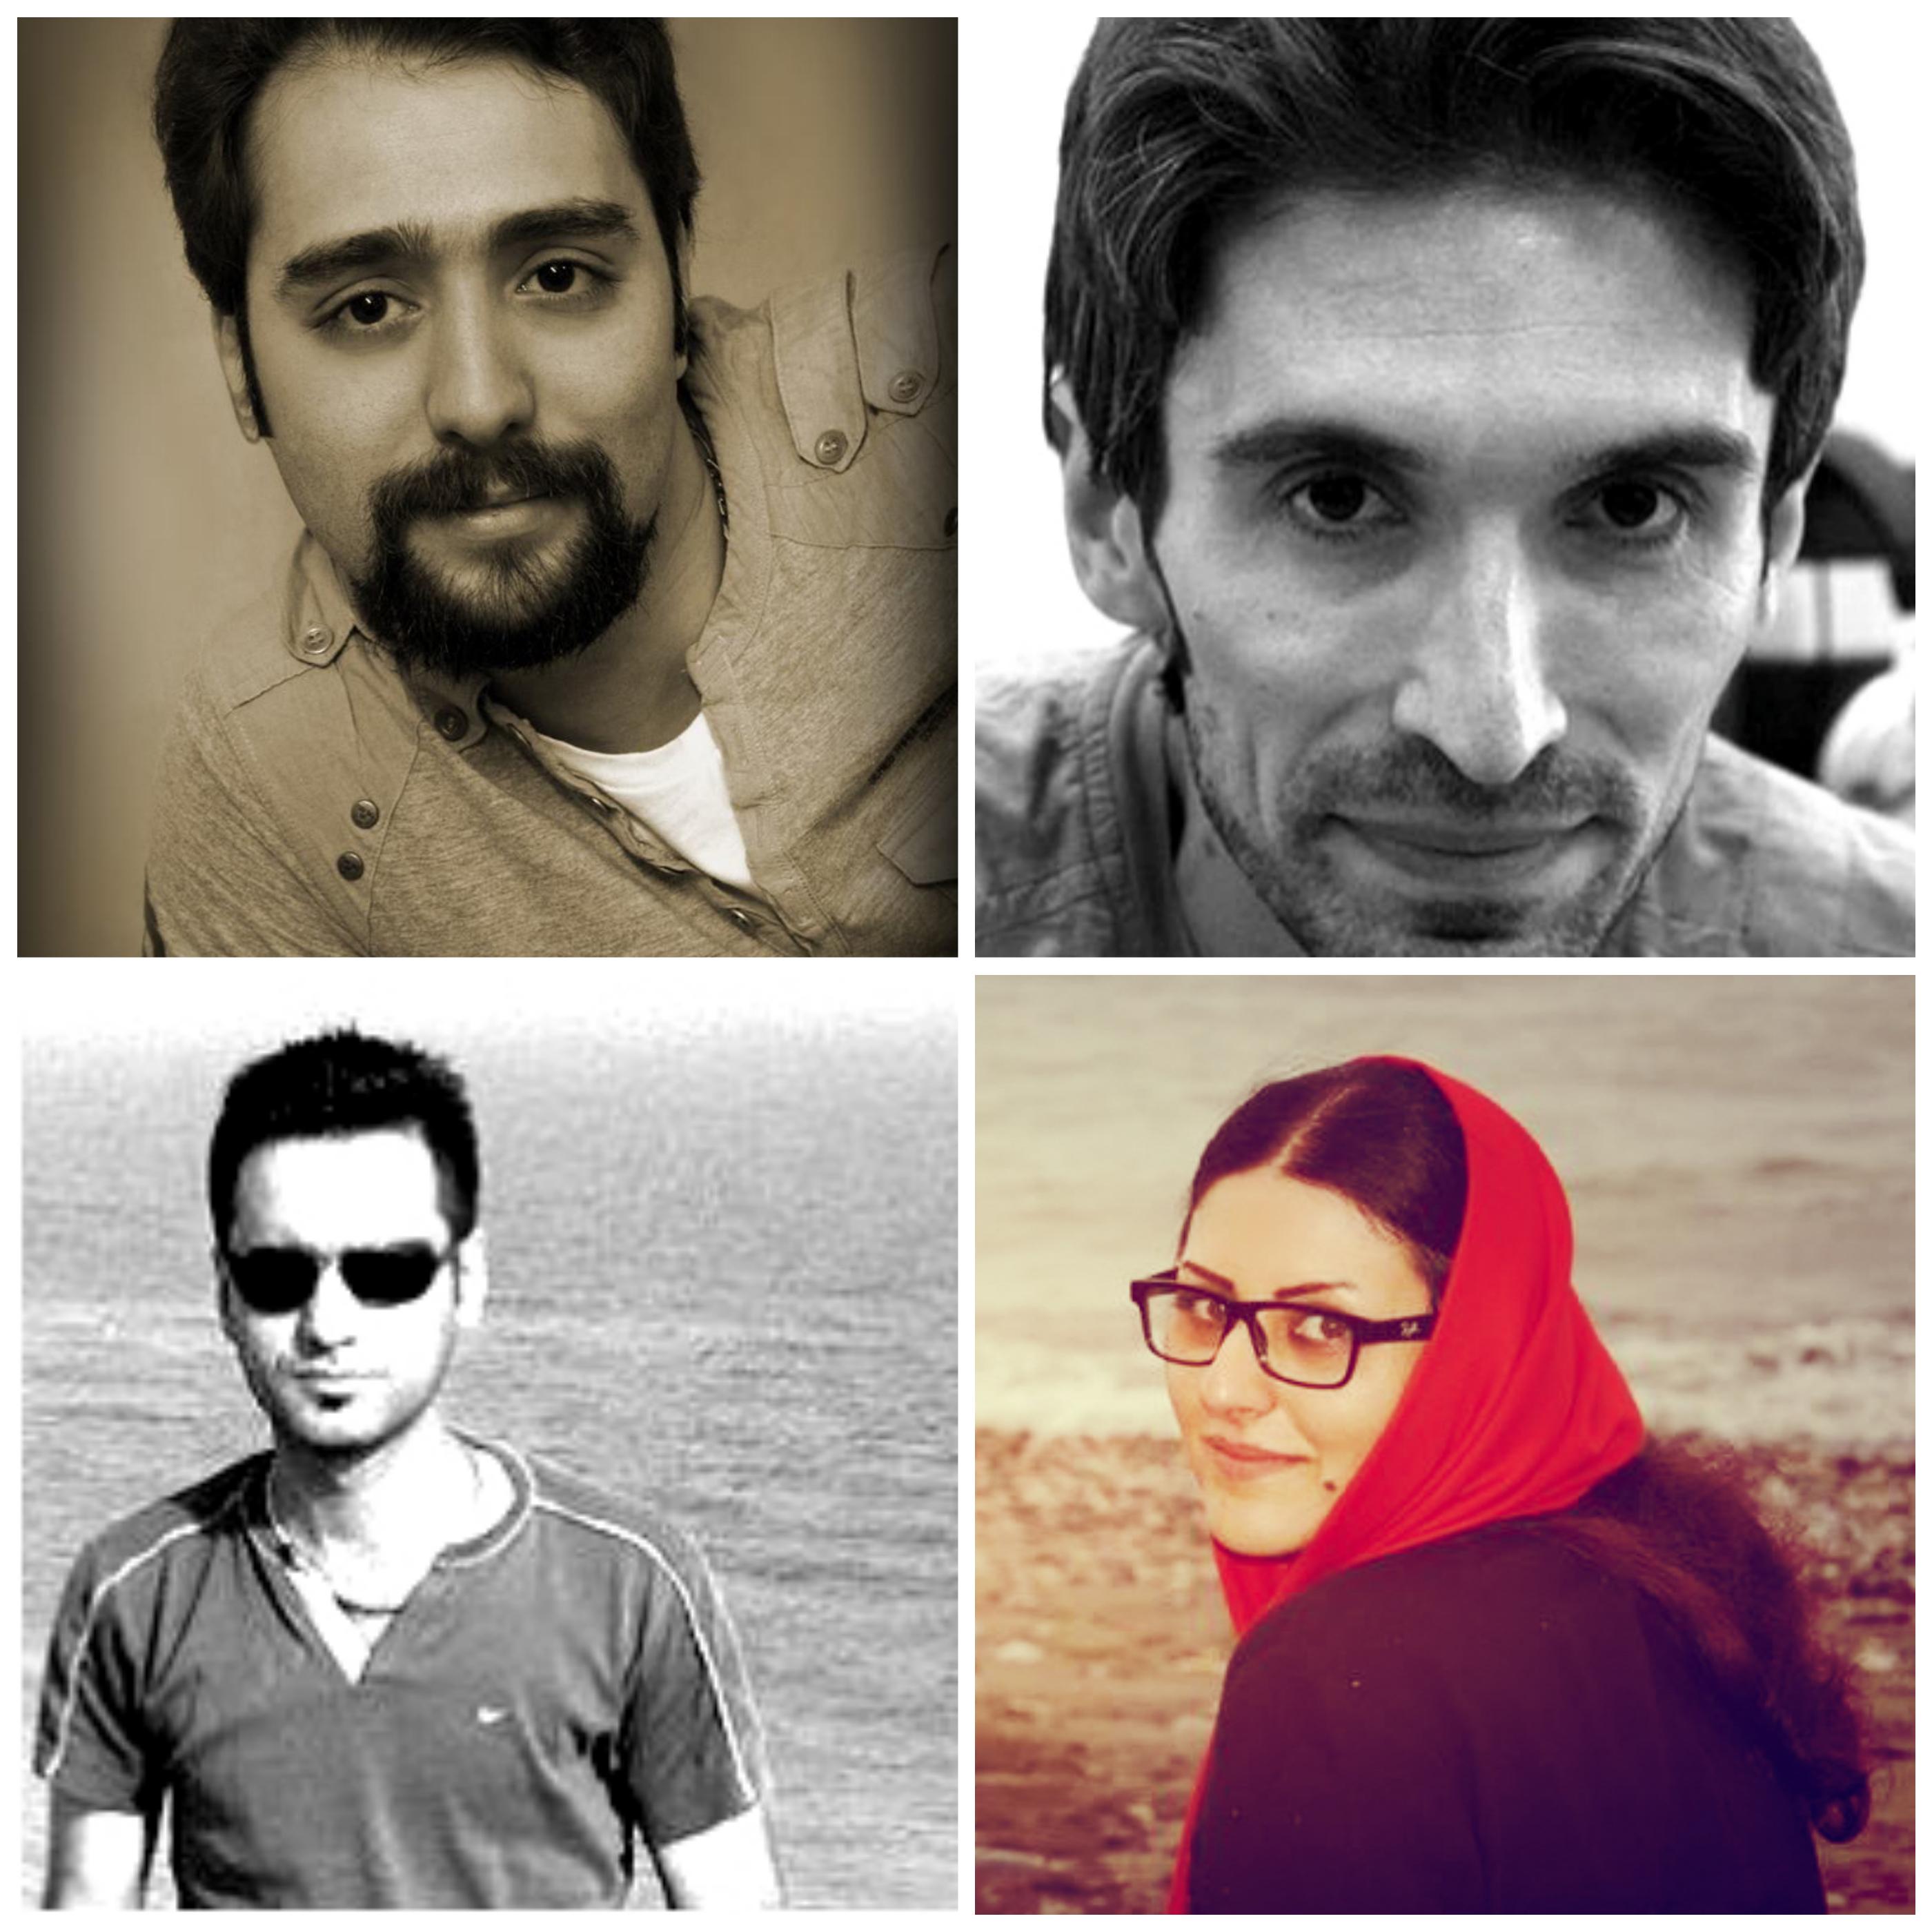 دادگاه تجدید نظر چهار فعال مدنی سه شنبه برگزار خواهد شد